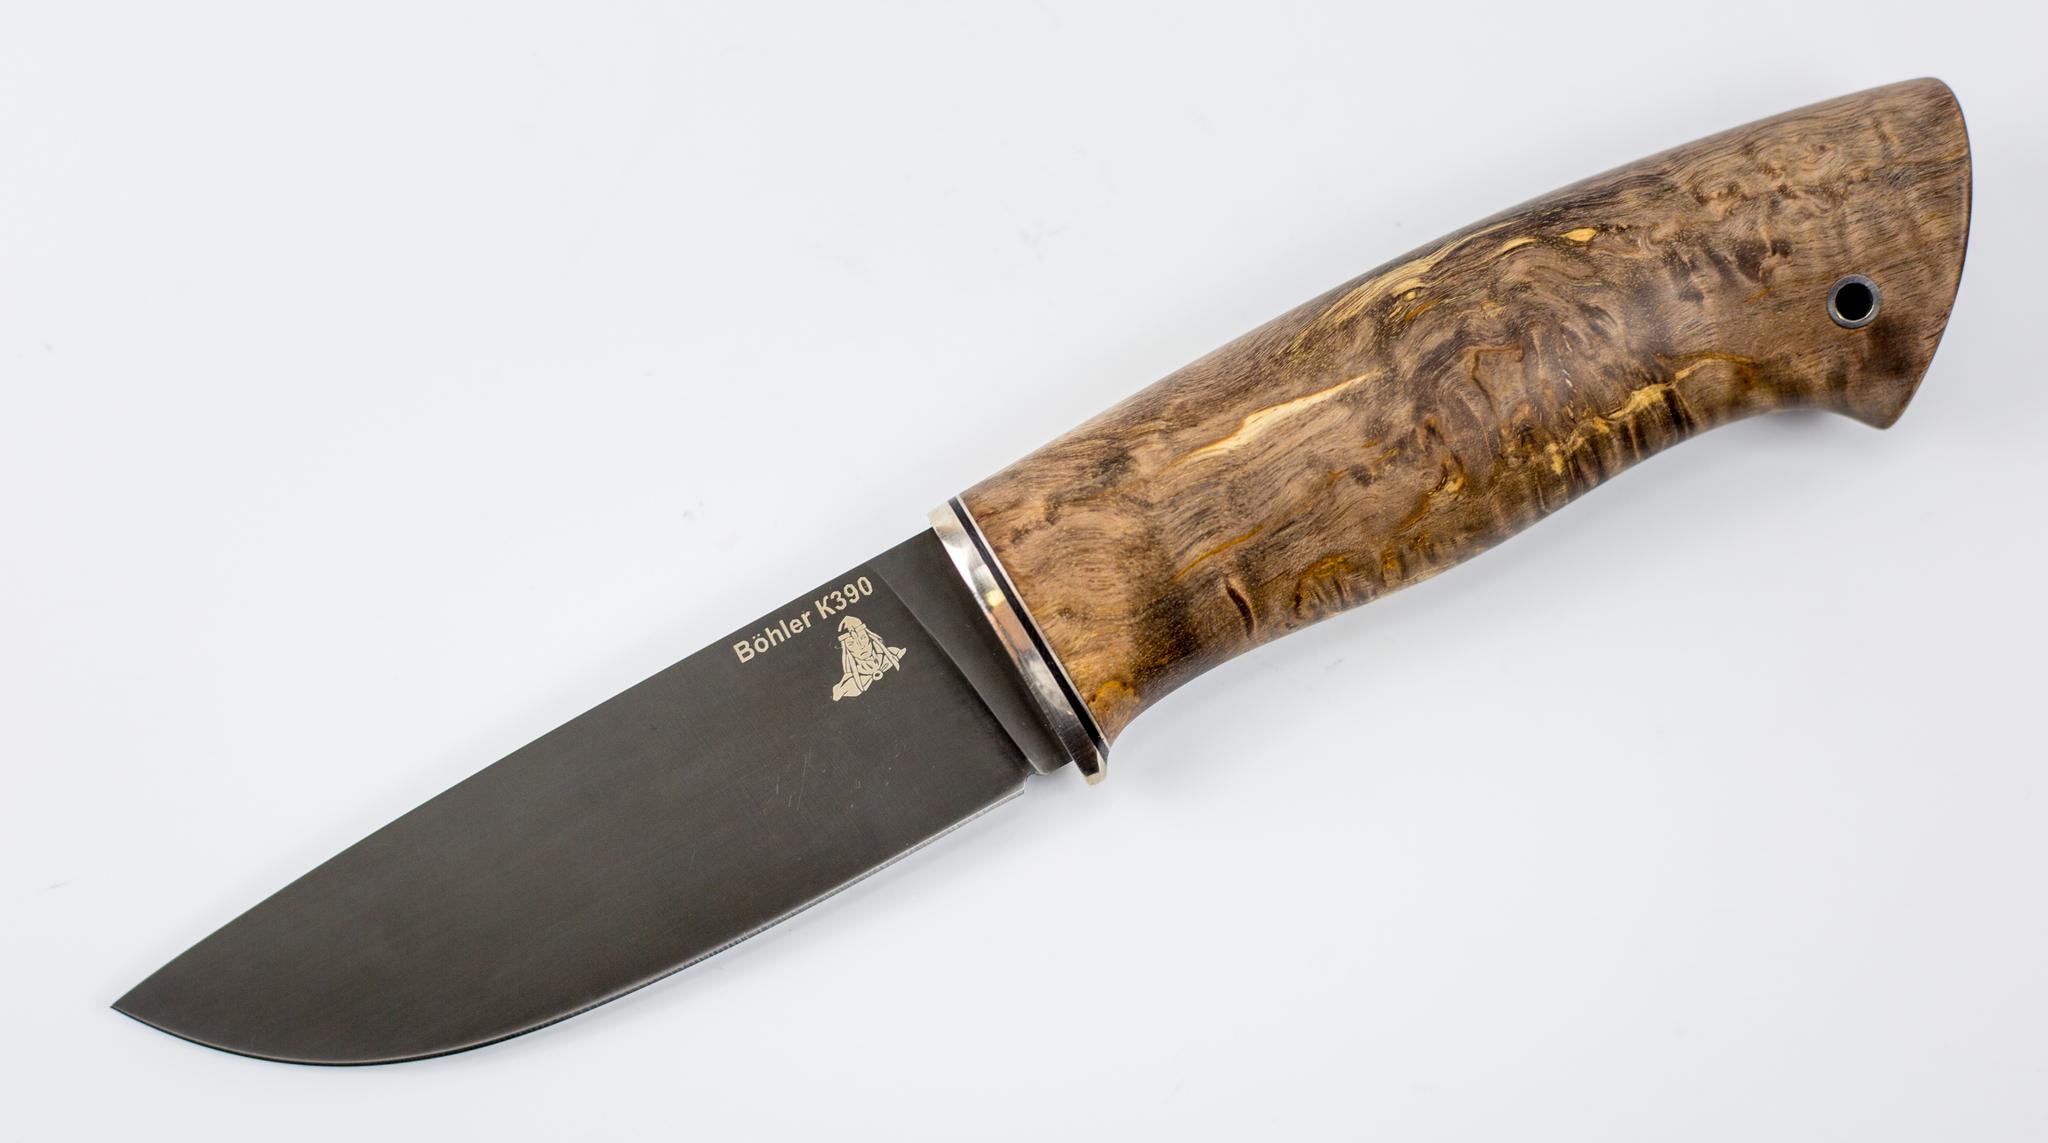 Нож Кроха, К390, карельская береза, мельхиорНожи Ворсма<br>Нож Кроха<br>